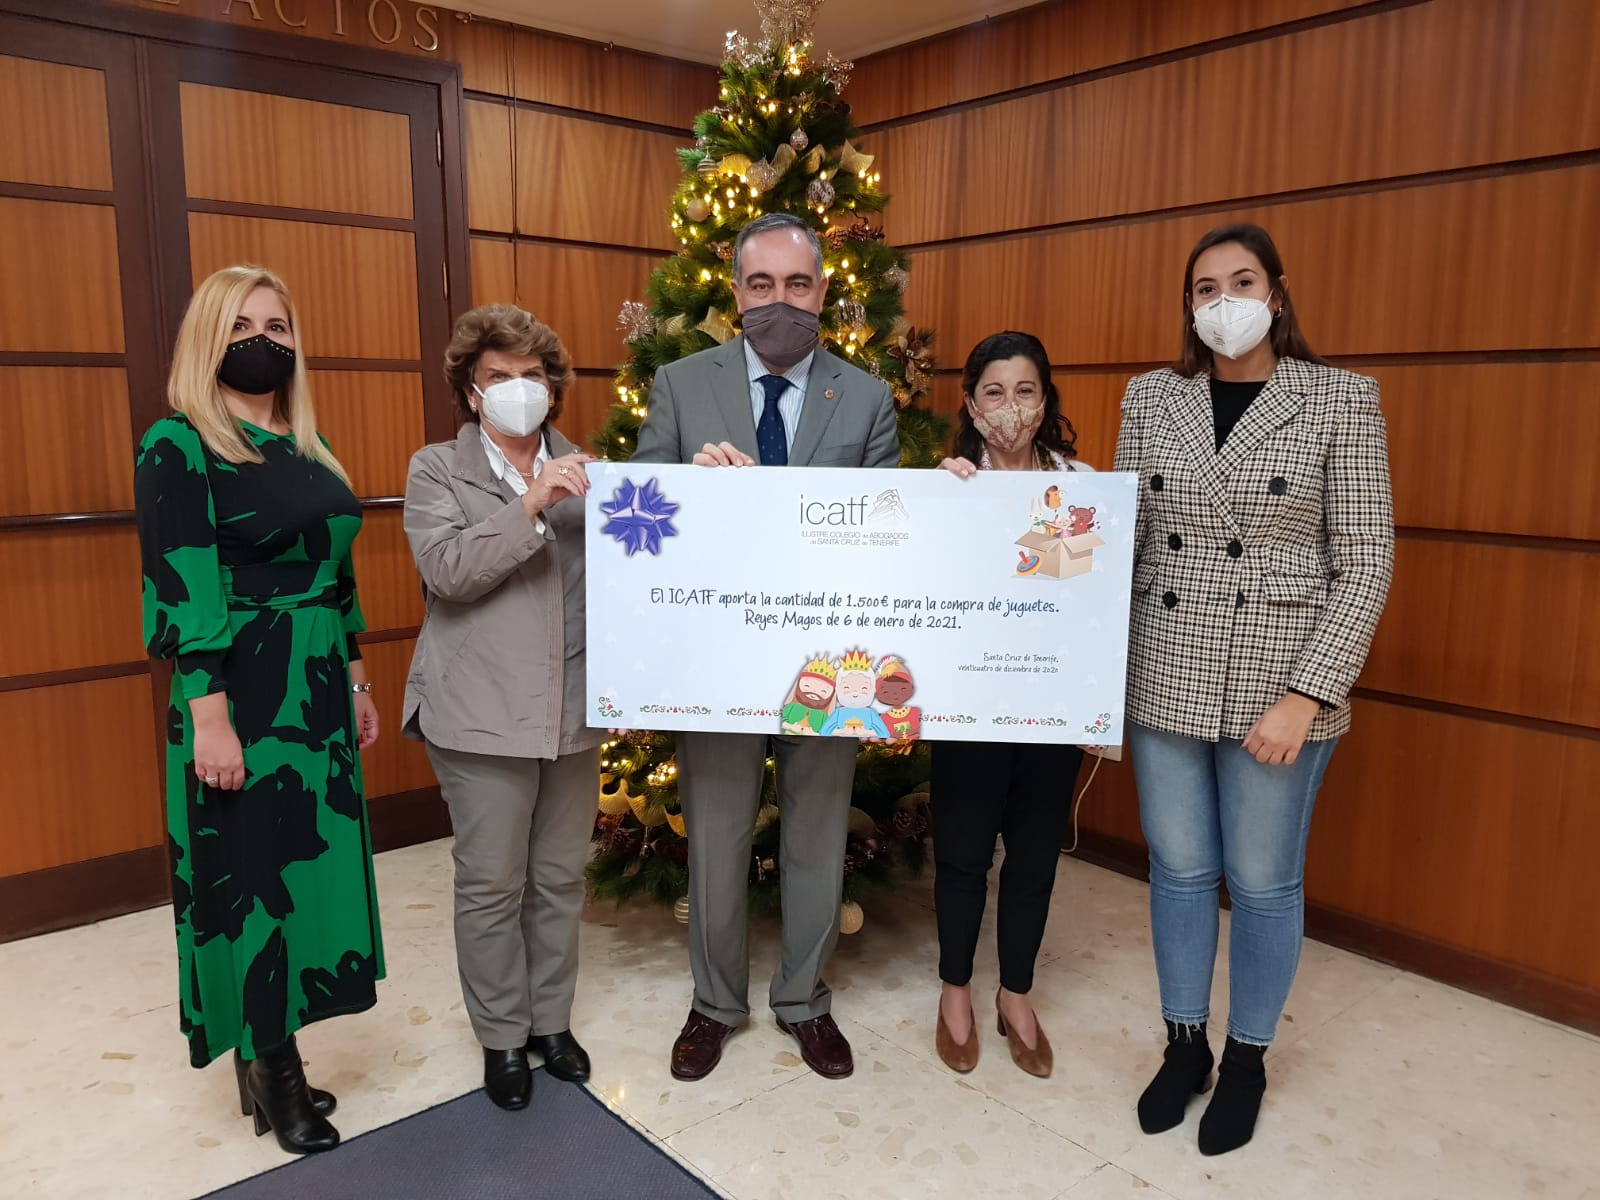 El ICATF hace entrega de un cheque destinado a la compra de juguetes y regalos de Reyes para los niños de la ciudad